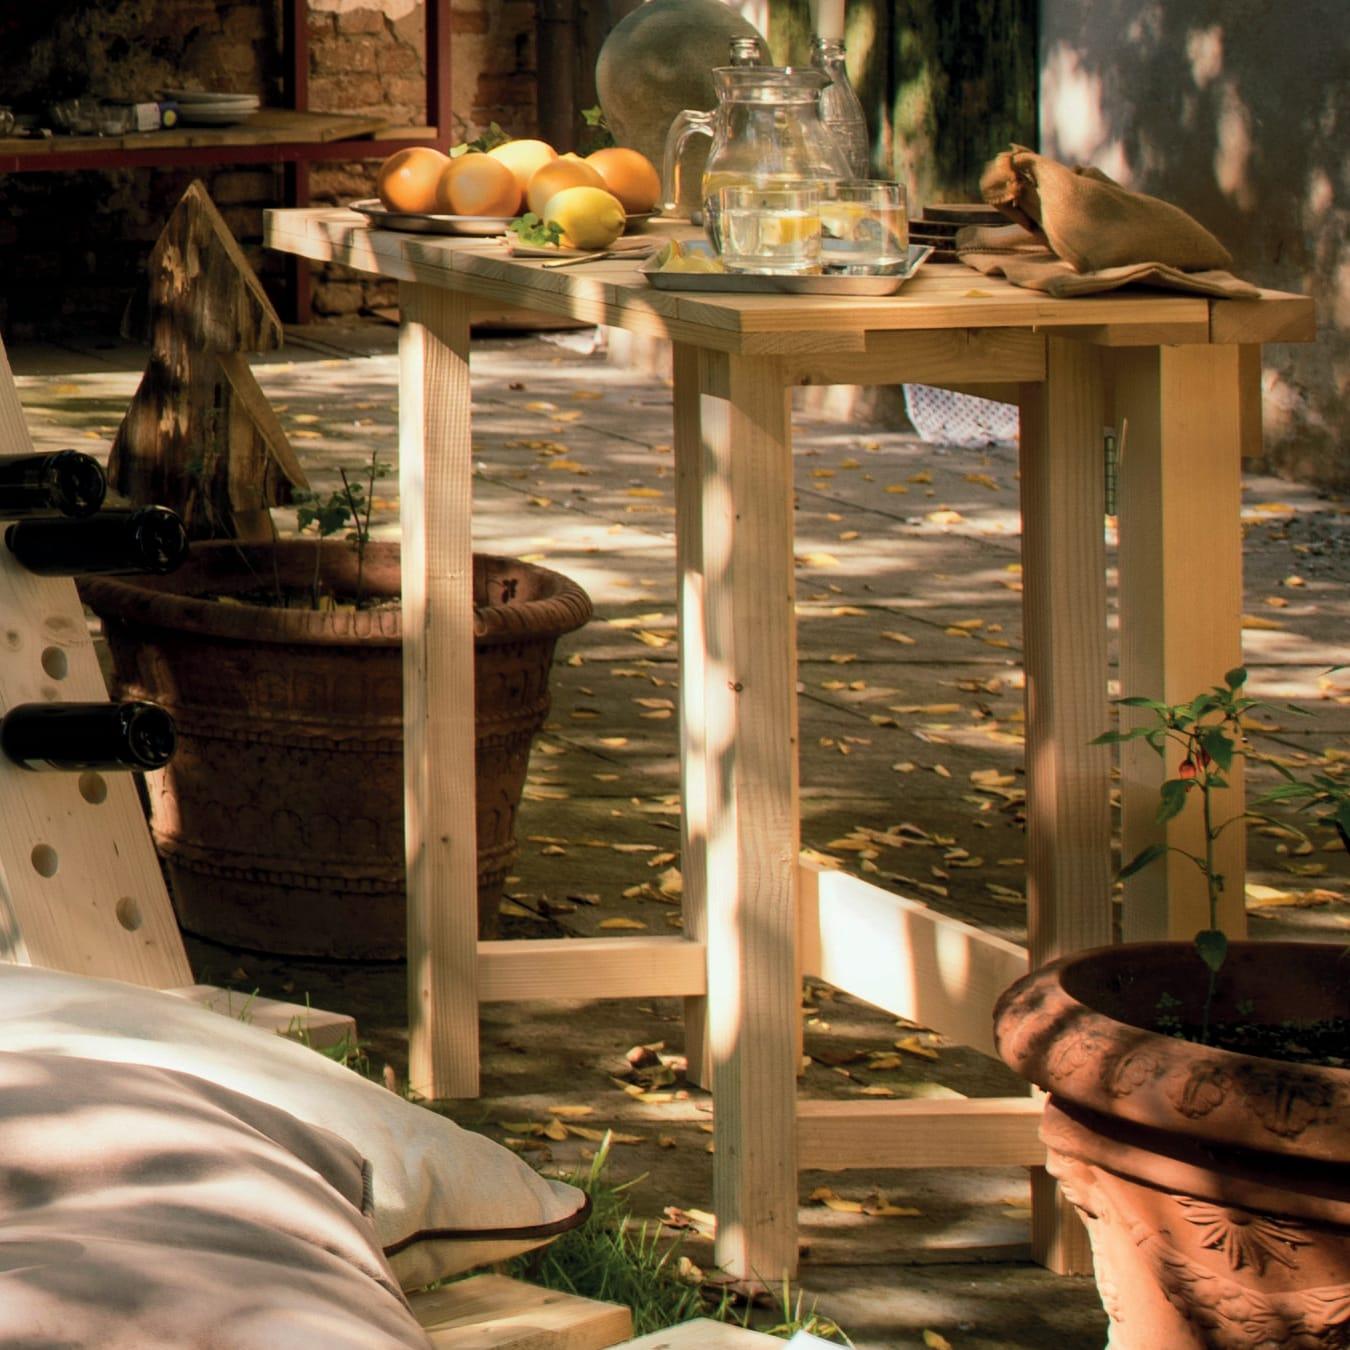 Tavolo Da Giardino Rettangolare Abete Con Piano In Legno L 50 X P 100 Cm Prezzo Online Leroy Merlin